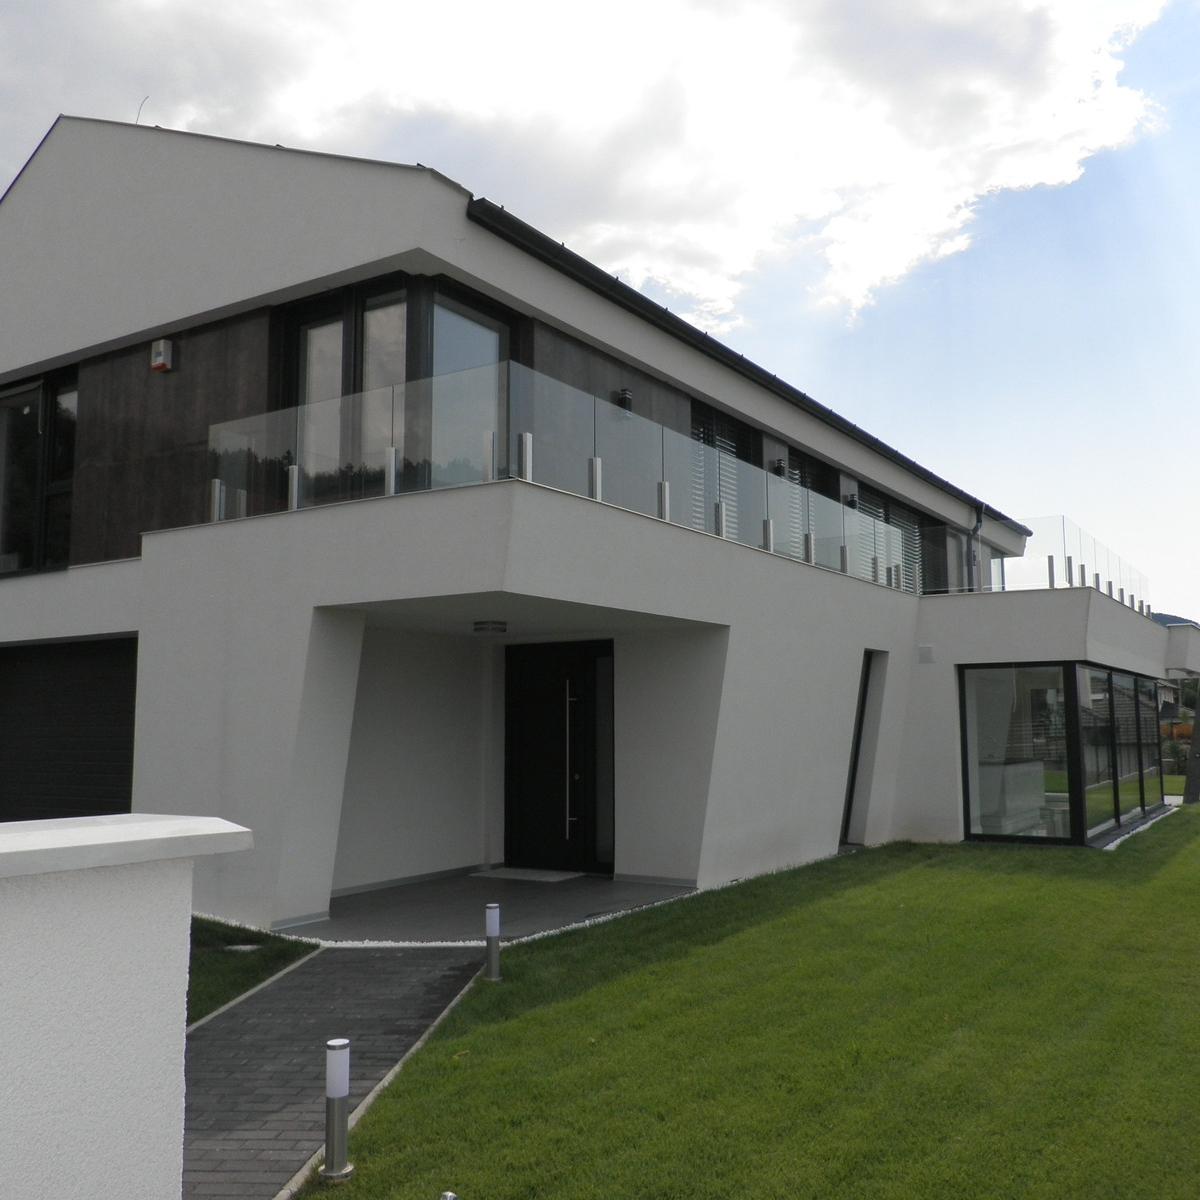 Kiadó  családi ház (Üröm) 1,5 M  Ft/hó